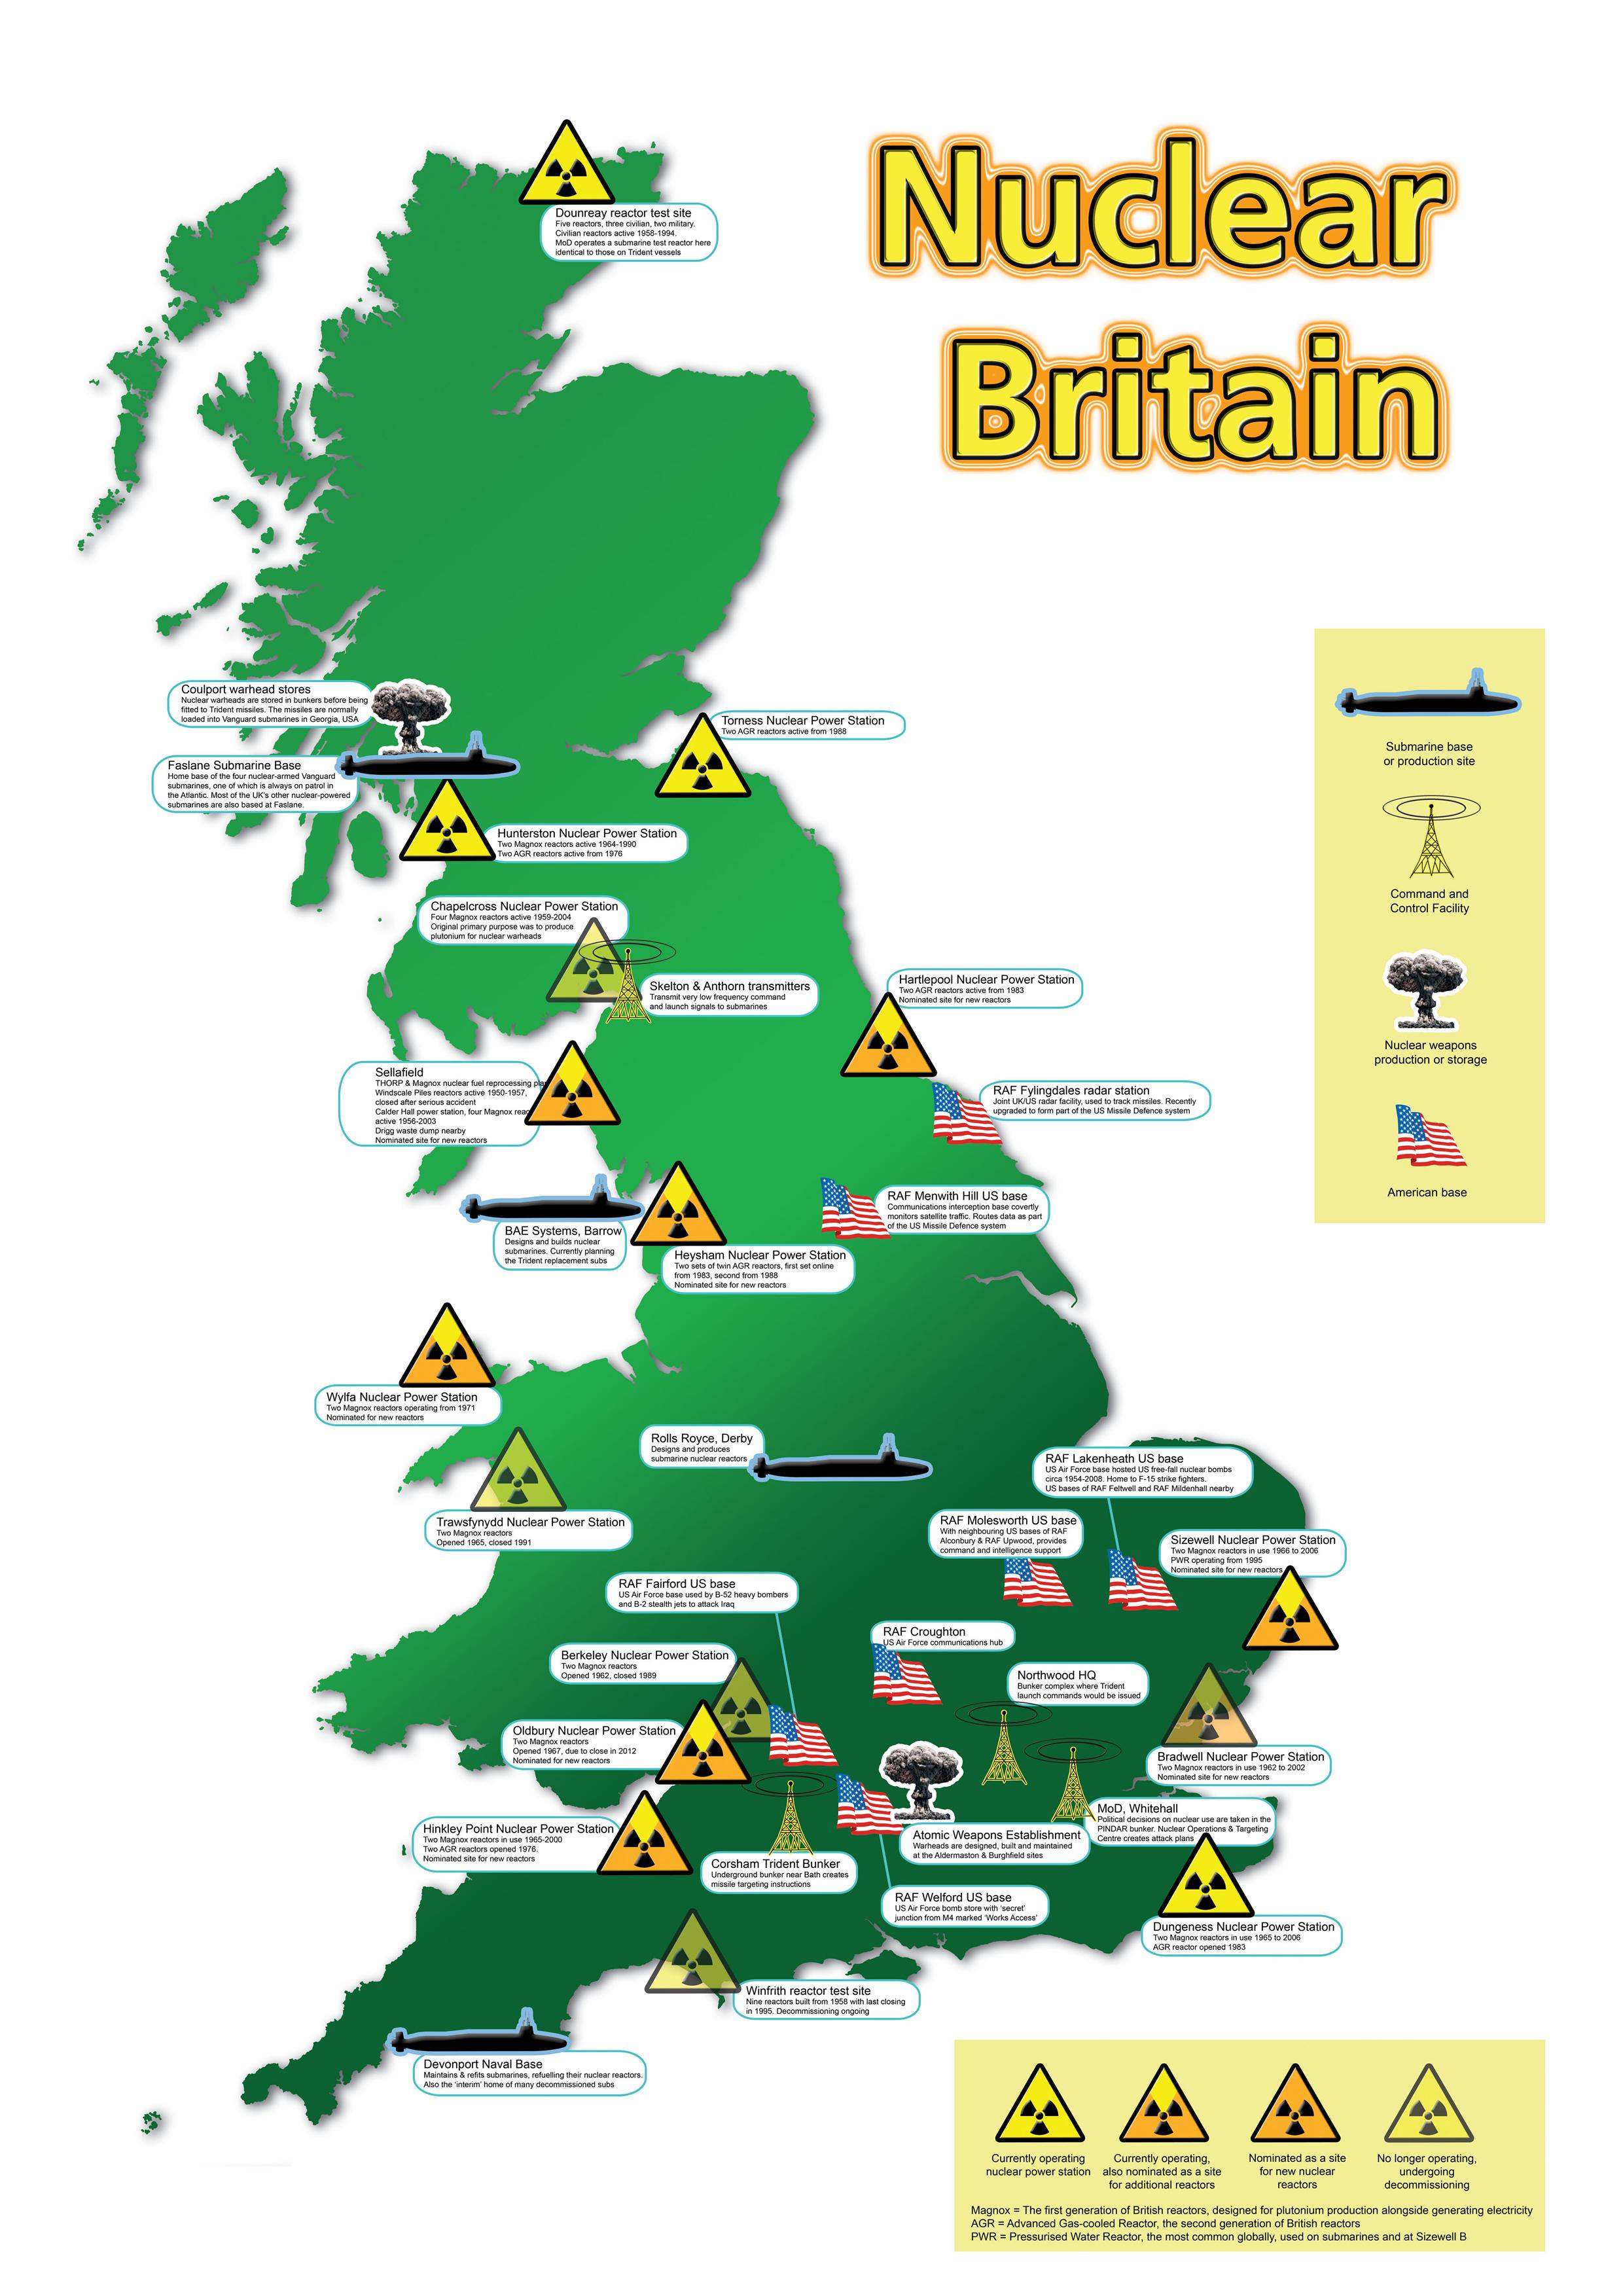 nuclear_britain_a4_poster_1.jpg